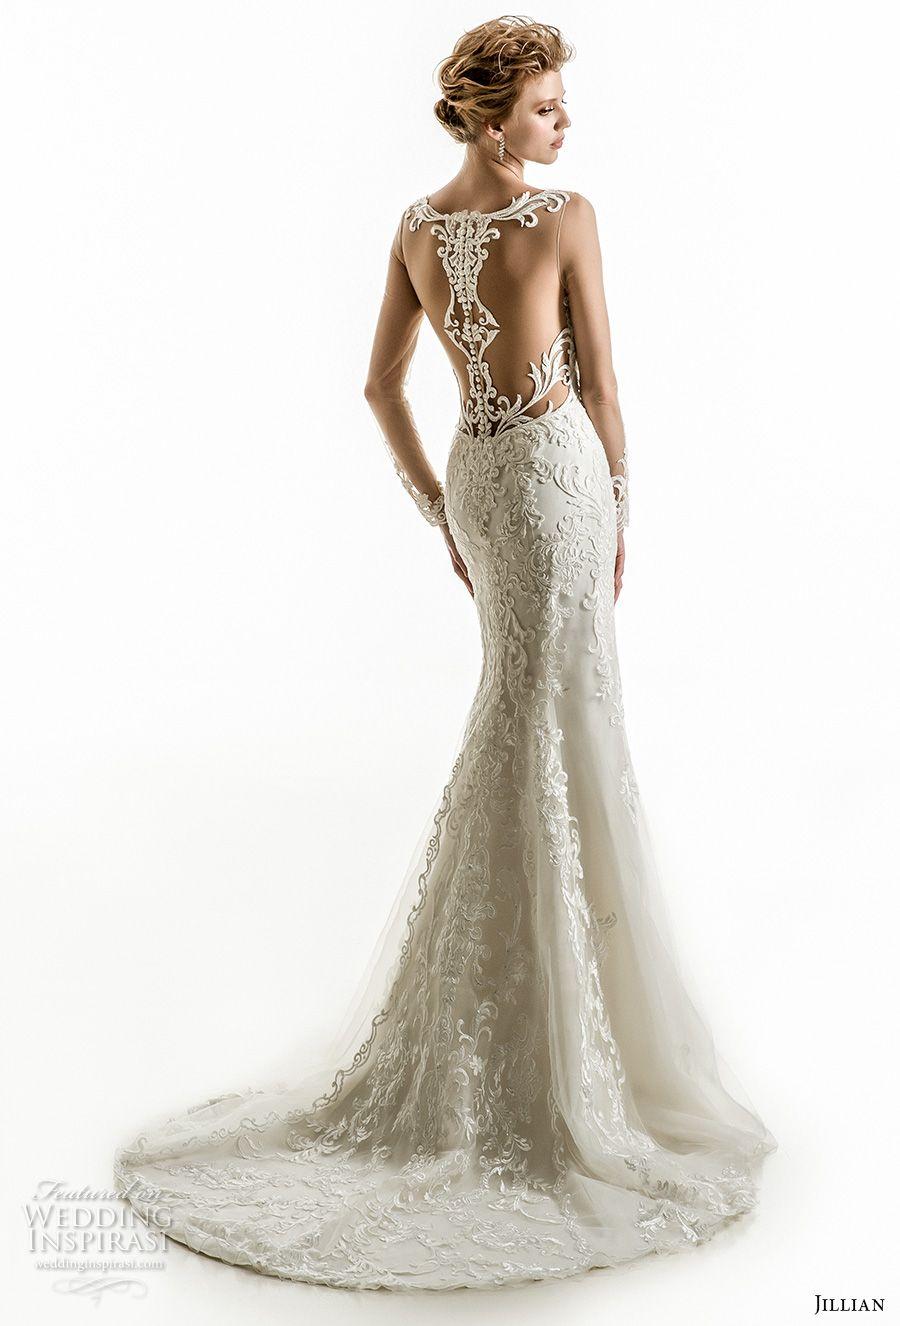 Sheer wedding dress  Jillian  Wedding Dresses  Wedding dress  Pinterest  Wedding